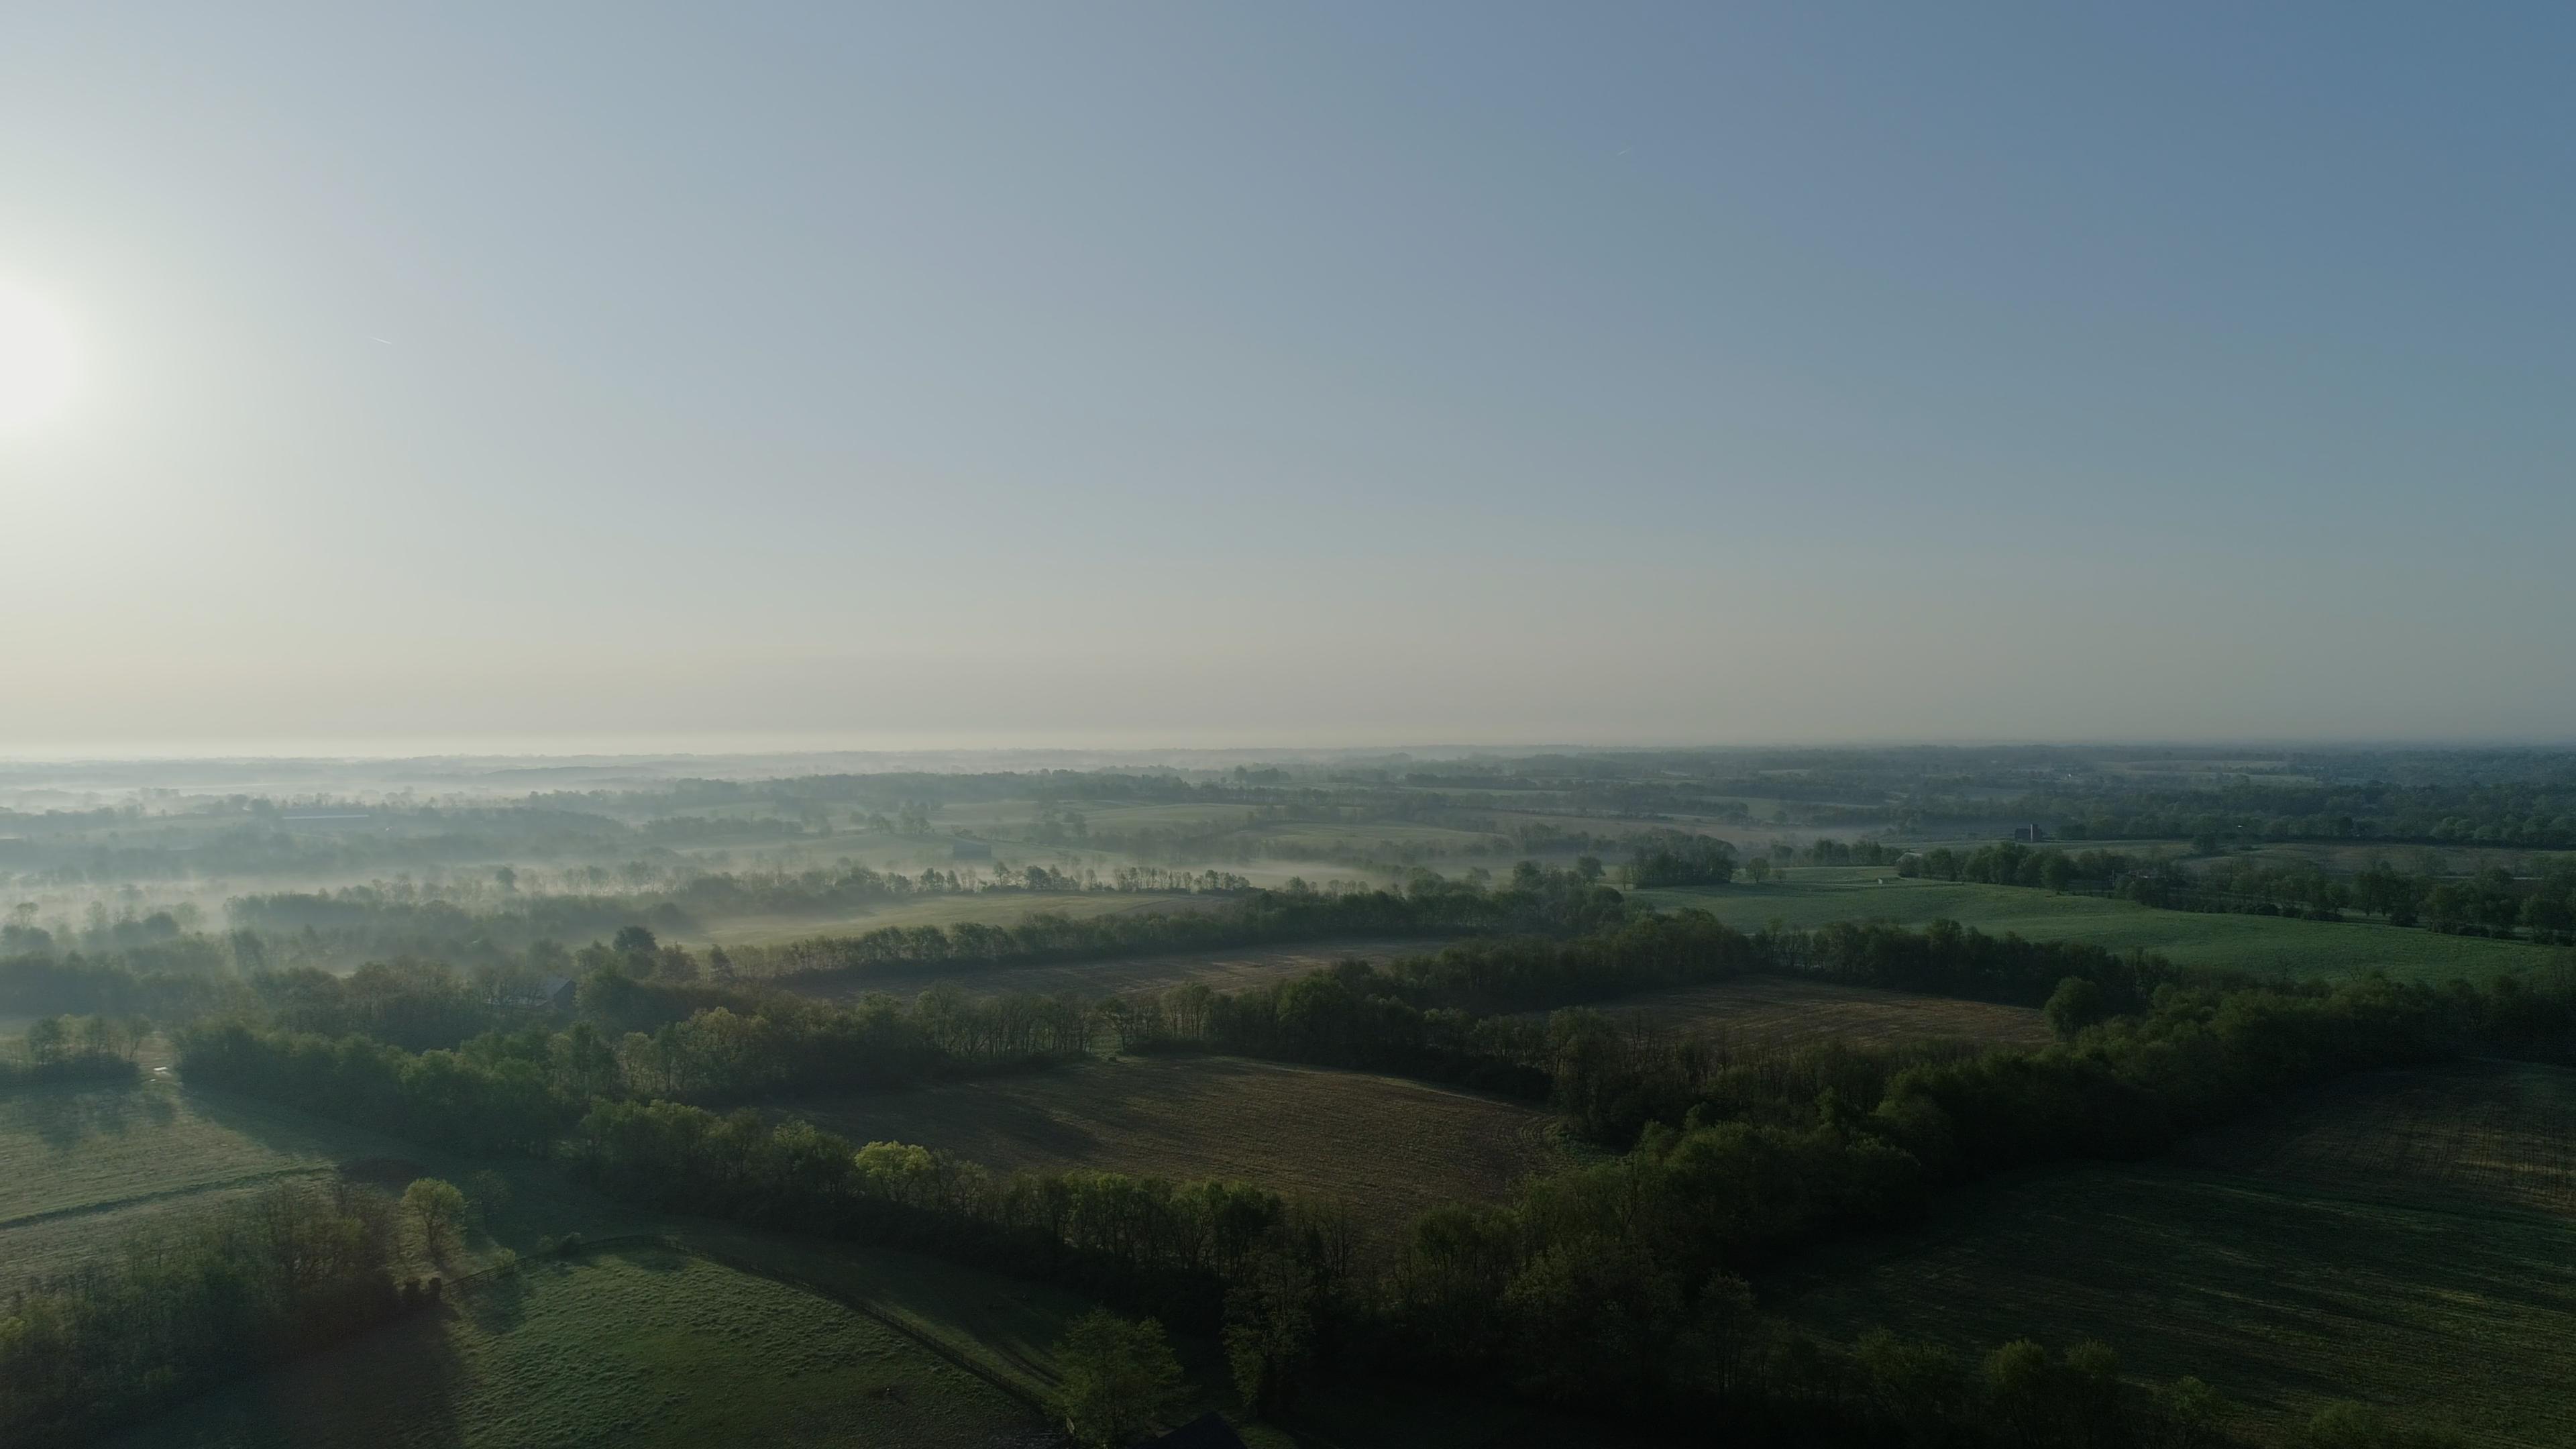 drone-footage-lexington-ky_1.4.1